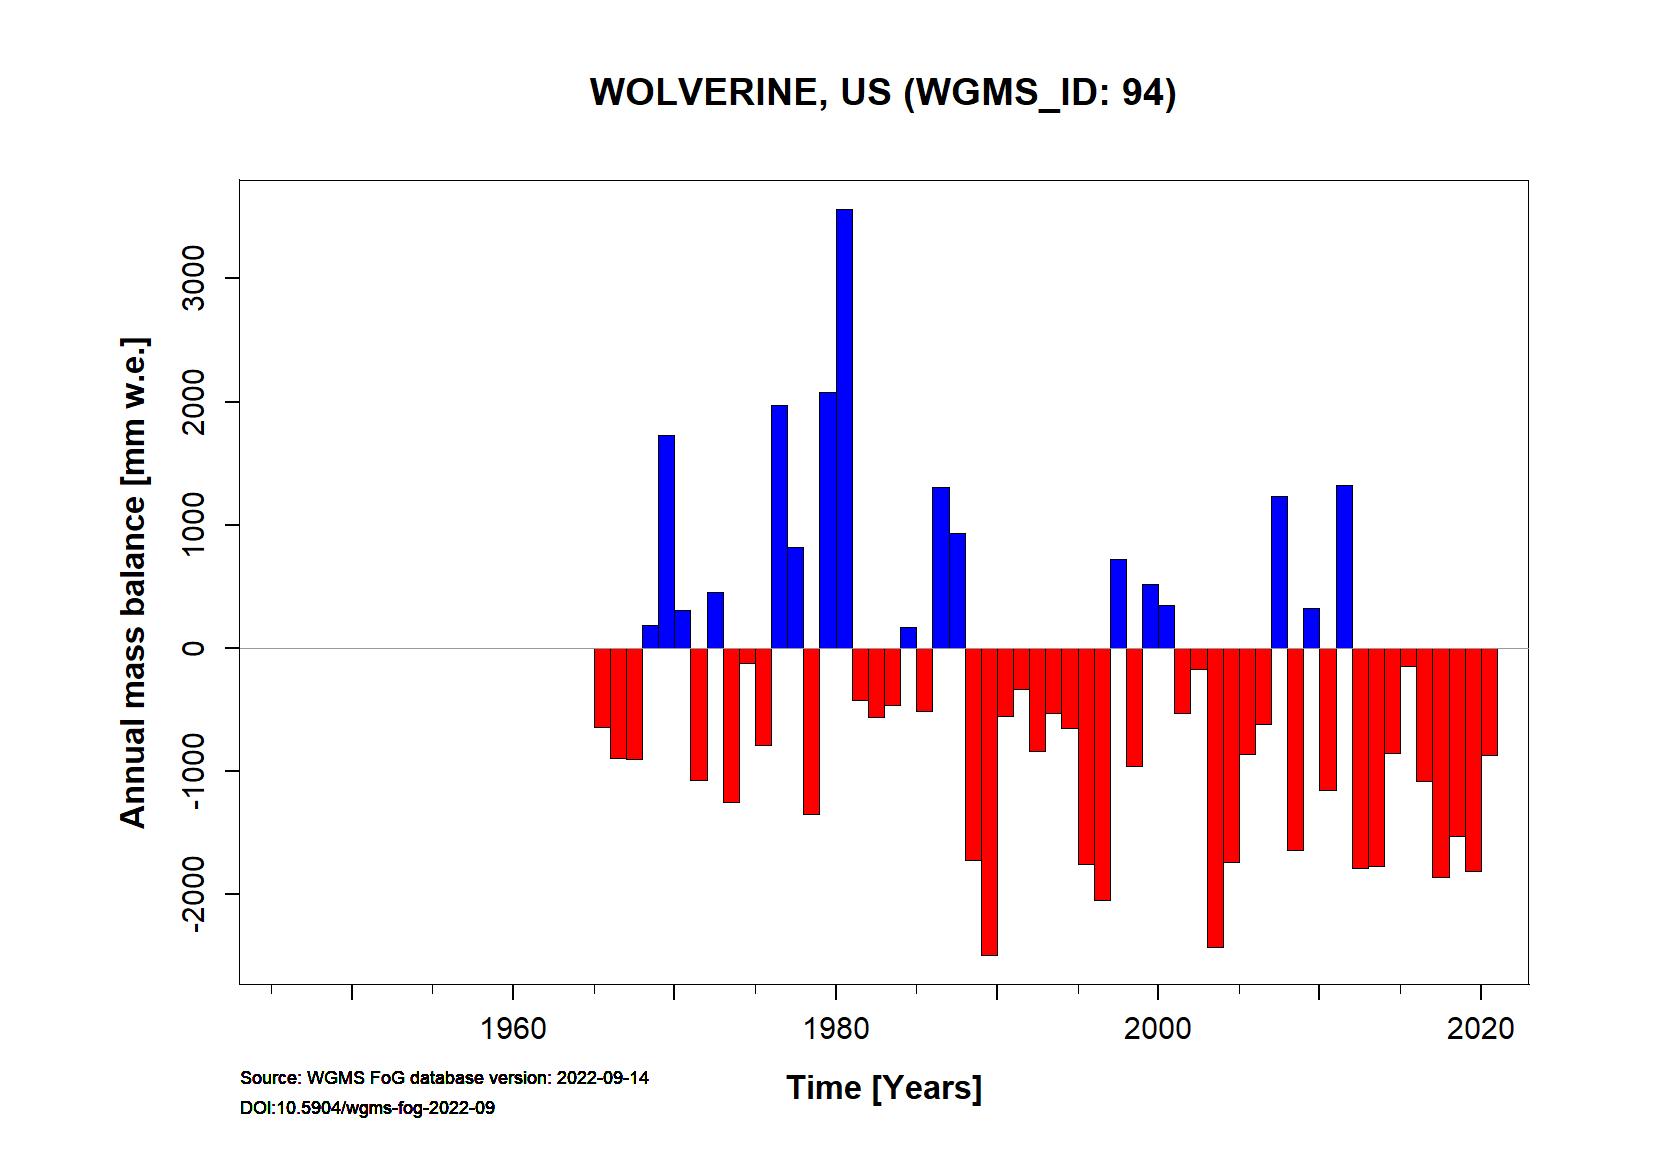 Wolverine Annual Mass Balance (WGMS, 2016)